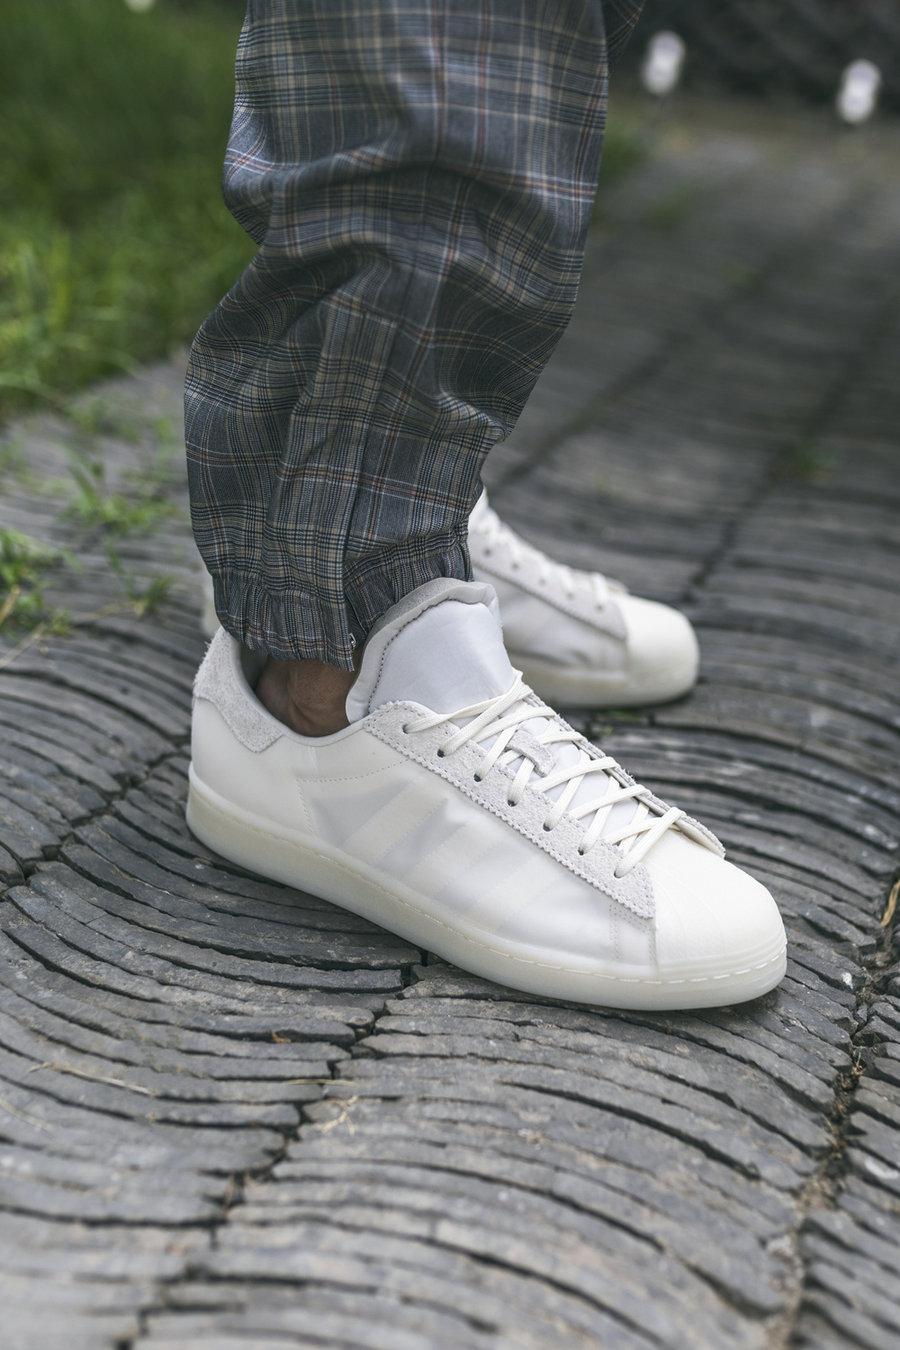 陳奕迅,adidas,superstar,發售,上腳  超限量!本周最難搶的竟是「陳奕迅」聯名新鞋!上腳太帥了!